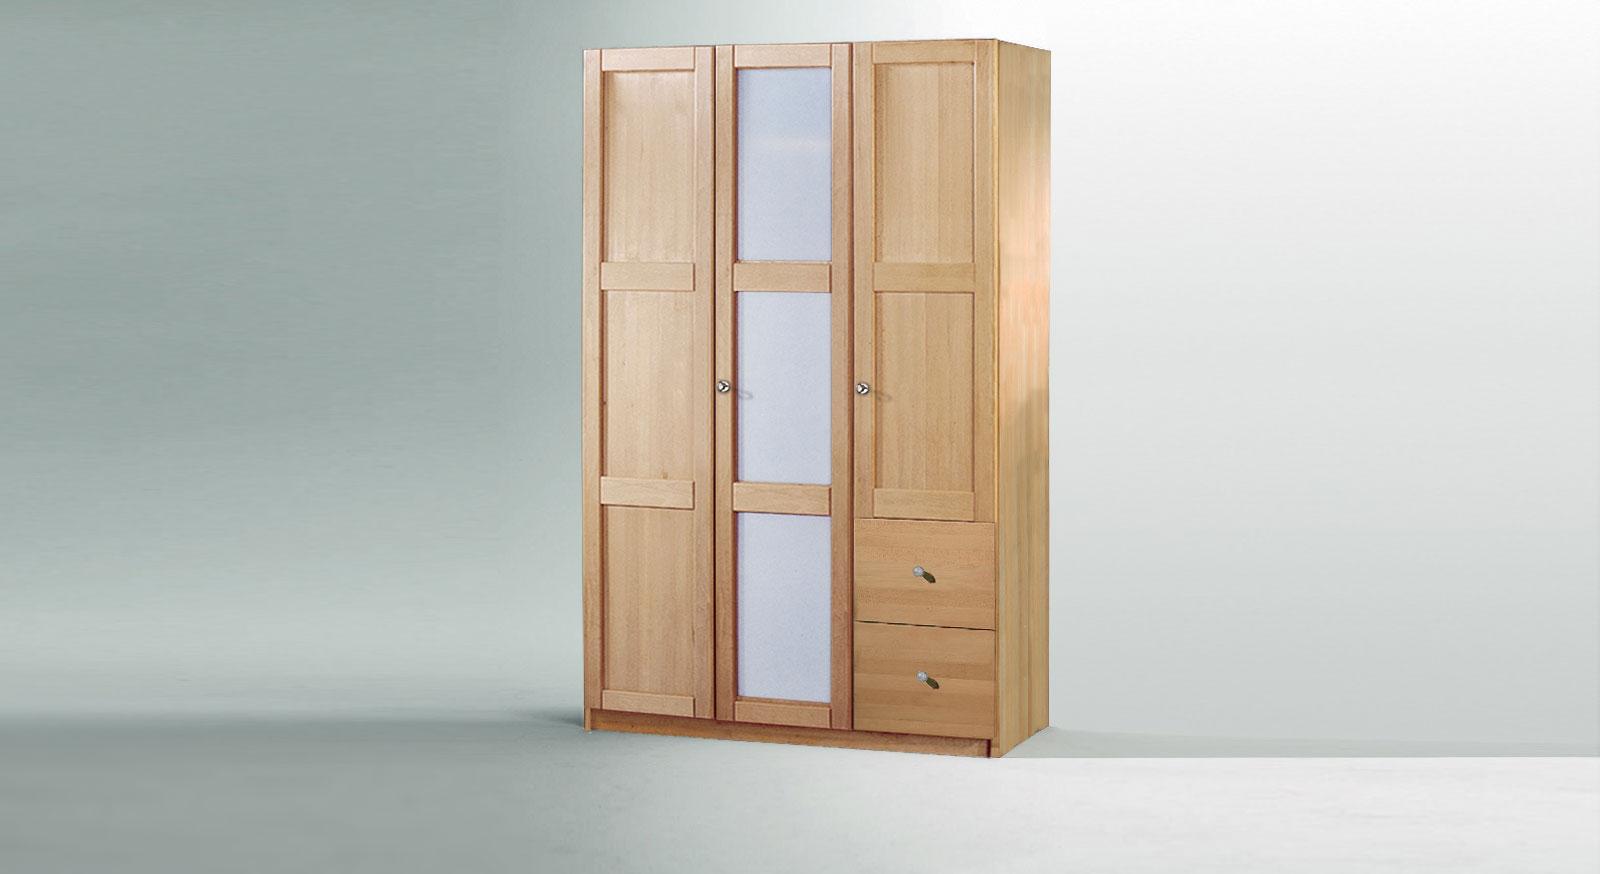 Drehtueren-Kleiderschrank Mira dreituerig als Variante 2 mit Glas Holz Mix